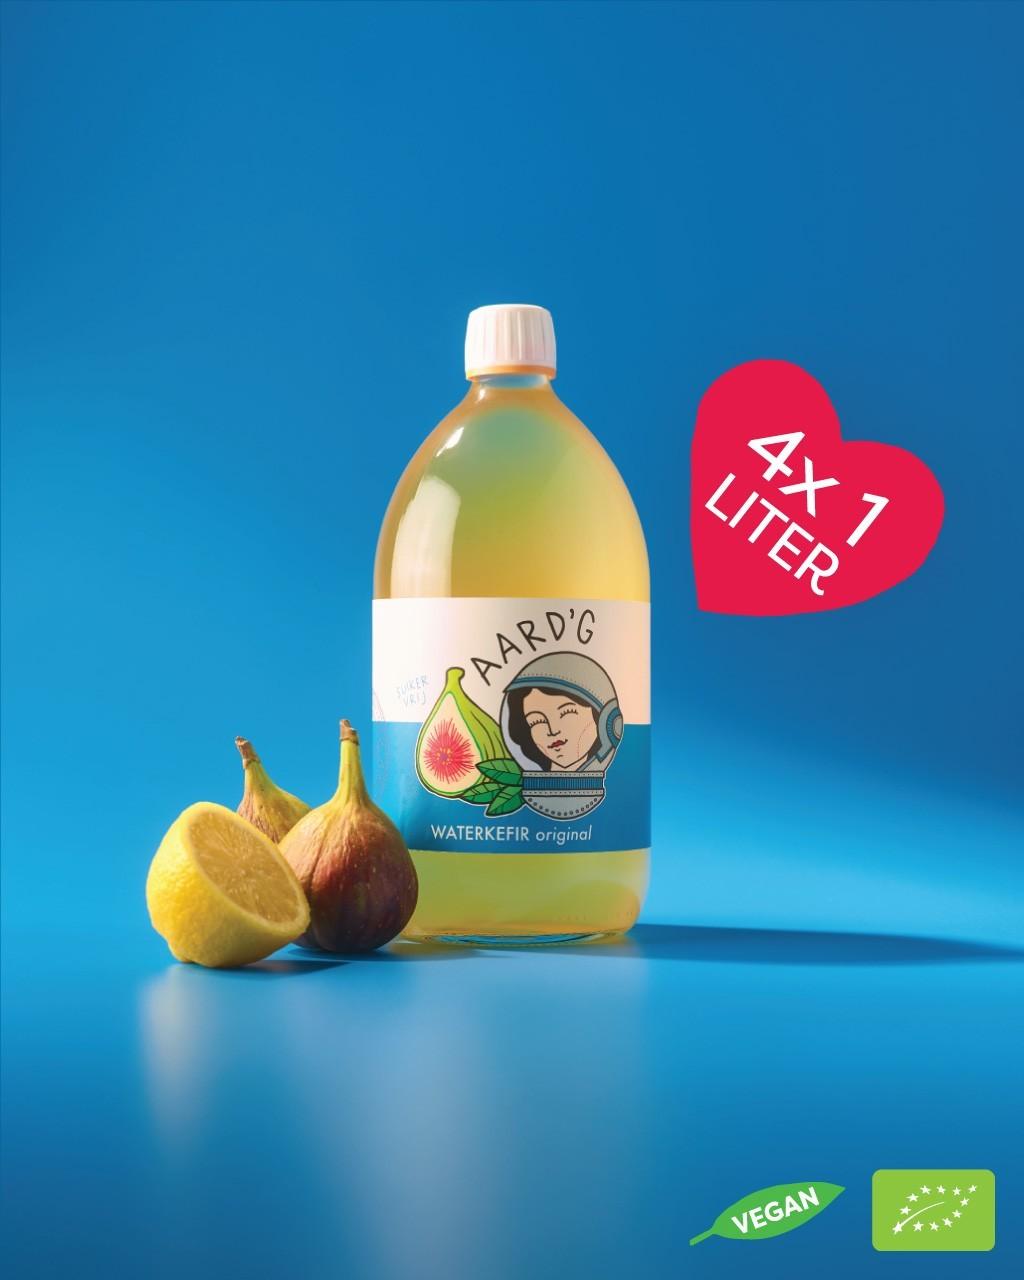 Een fles Kombucha Original van het merk Aard'g op een blauwe achtergrond. Naast de fles staat een hartje waarin de inhoud van 4x 1 liter staat aangegeven. In de rechter onderhoek staat het SKAL keurmerk weergegeven.